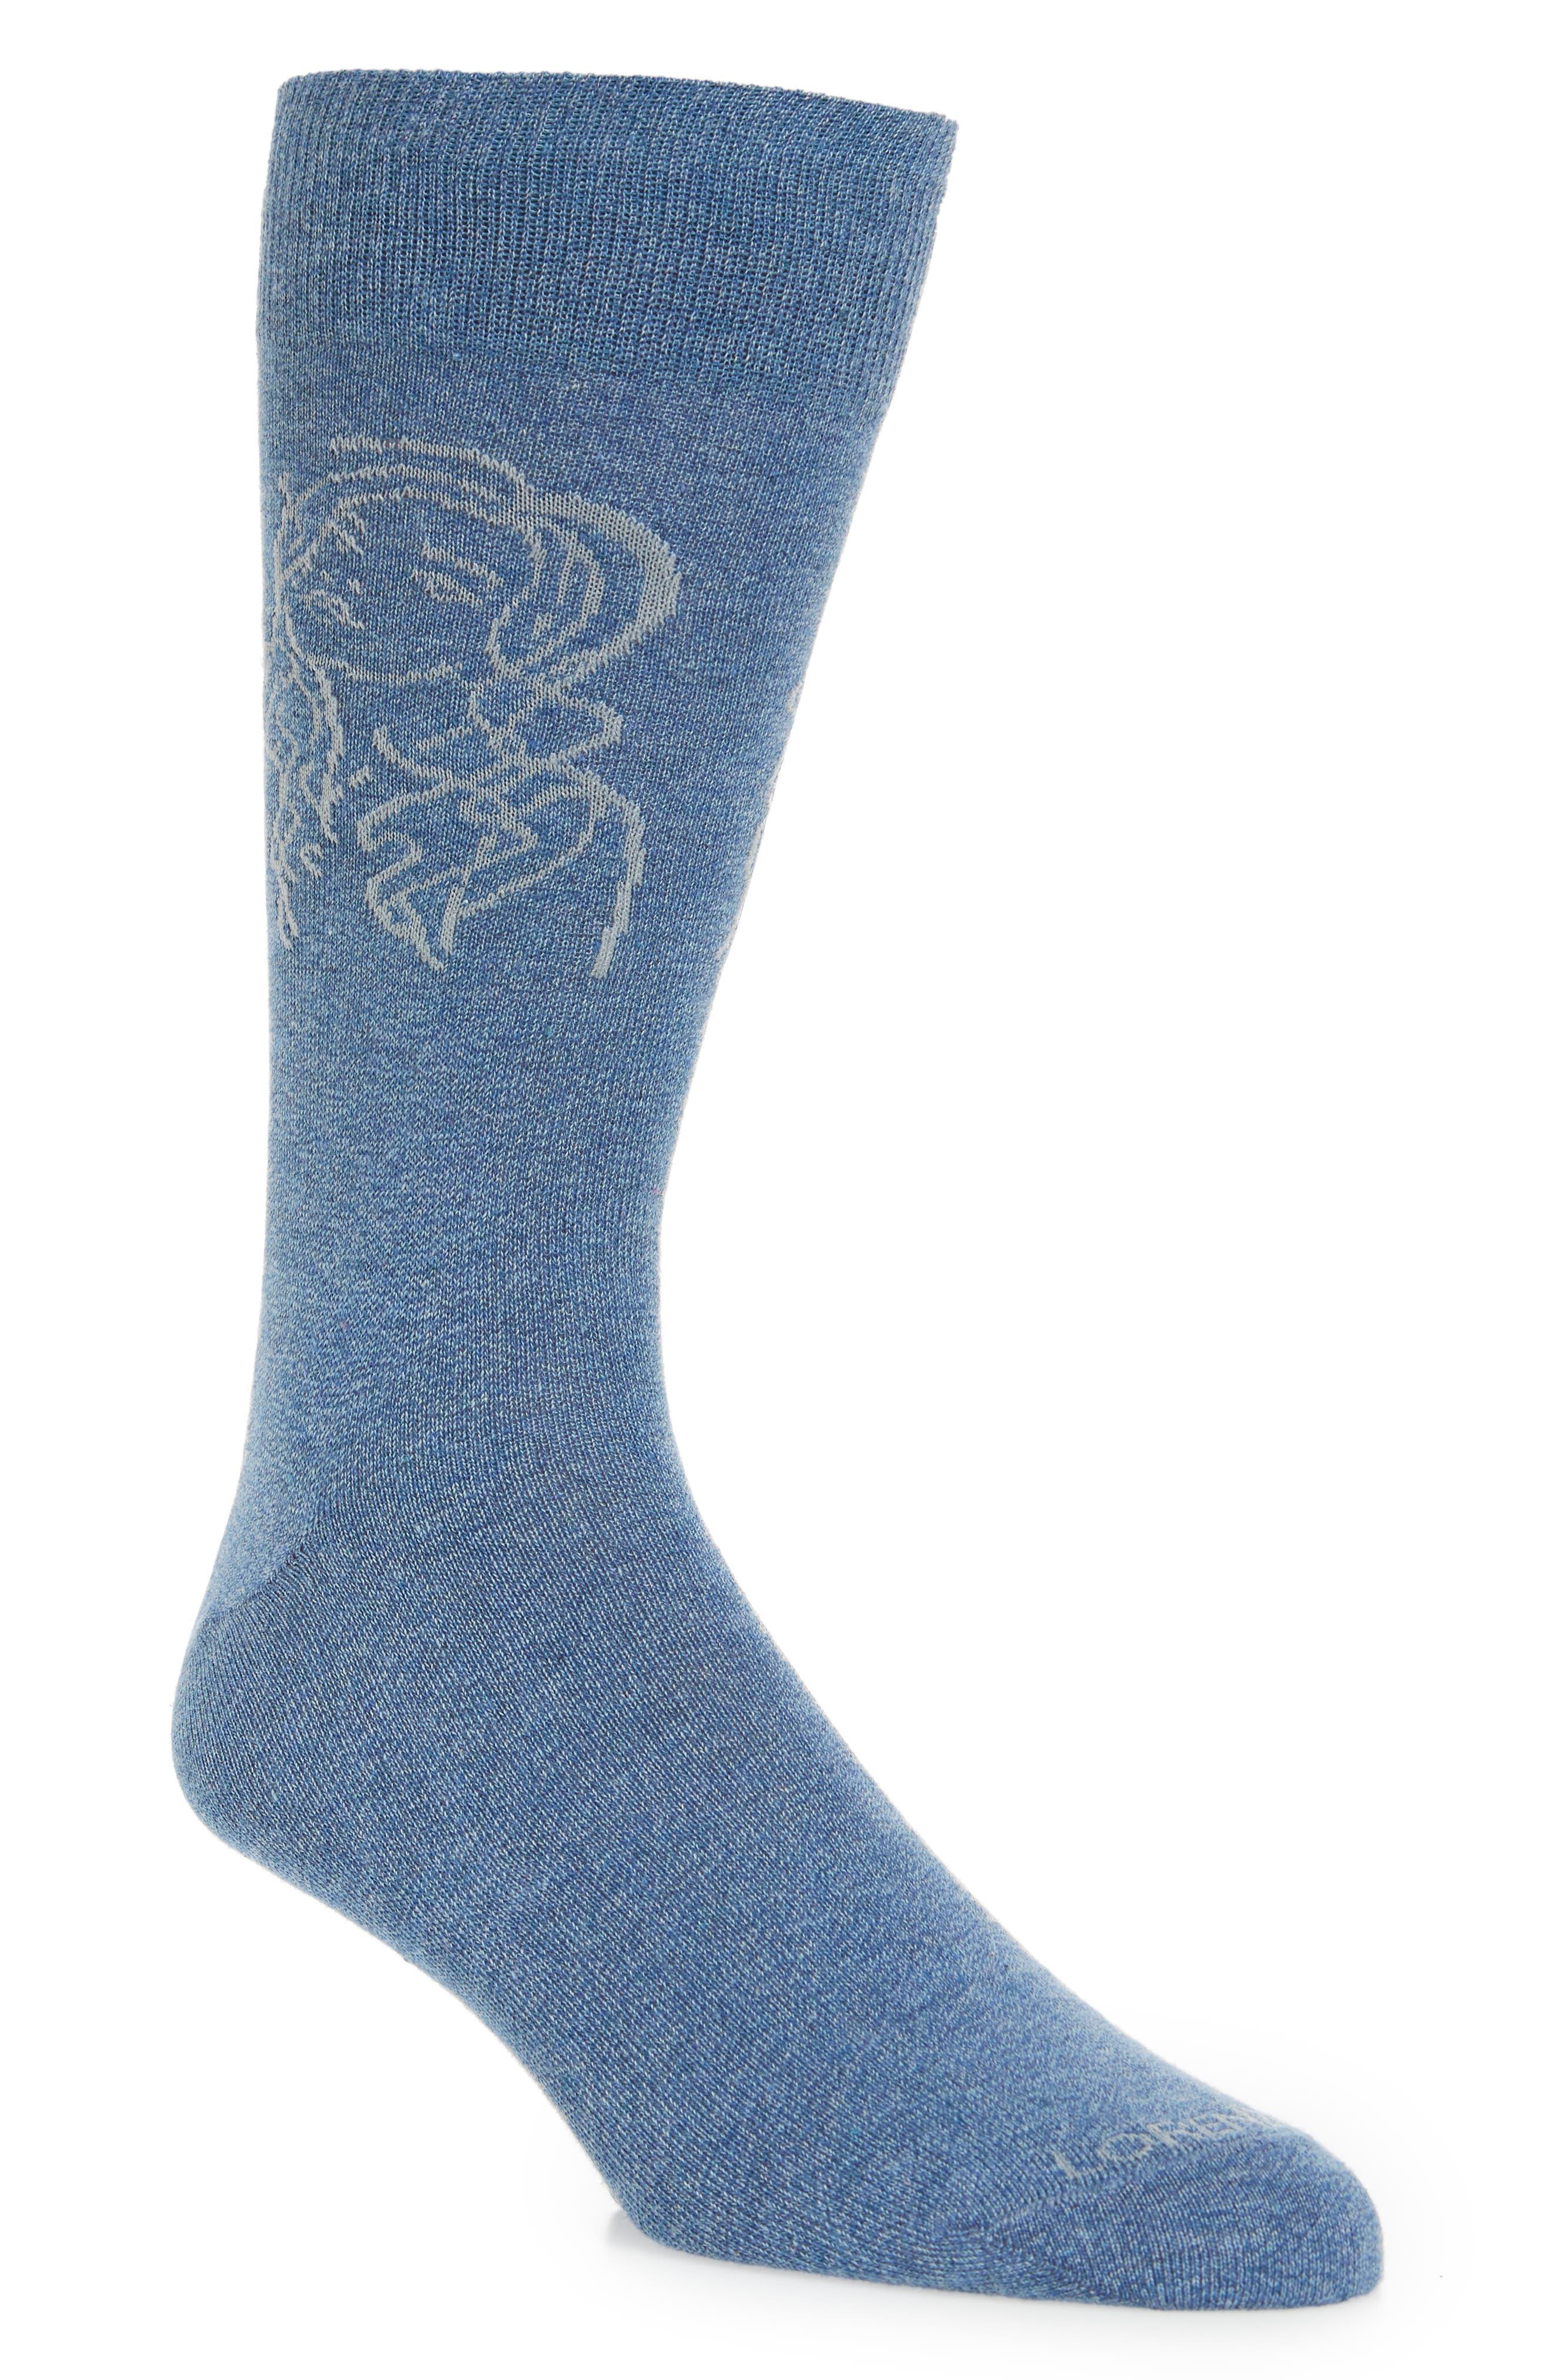 Girl 2 Socks,                         Main,                         color, Denim